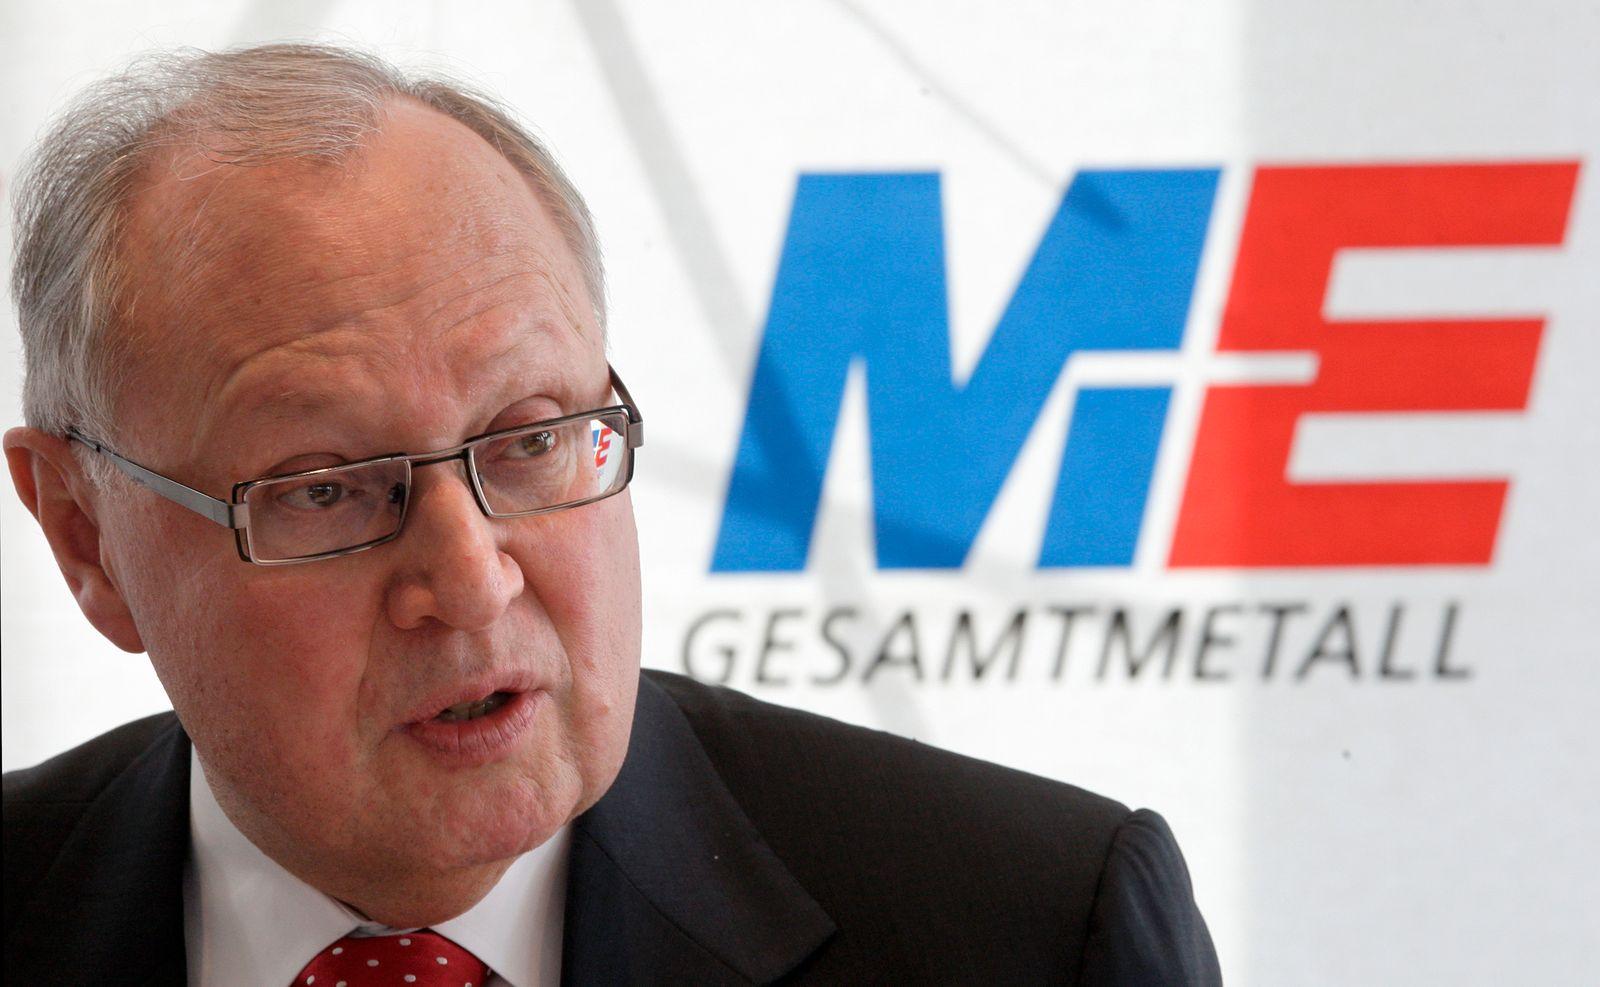 Martin Kannegiesser / ME Gesamtmetall